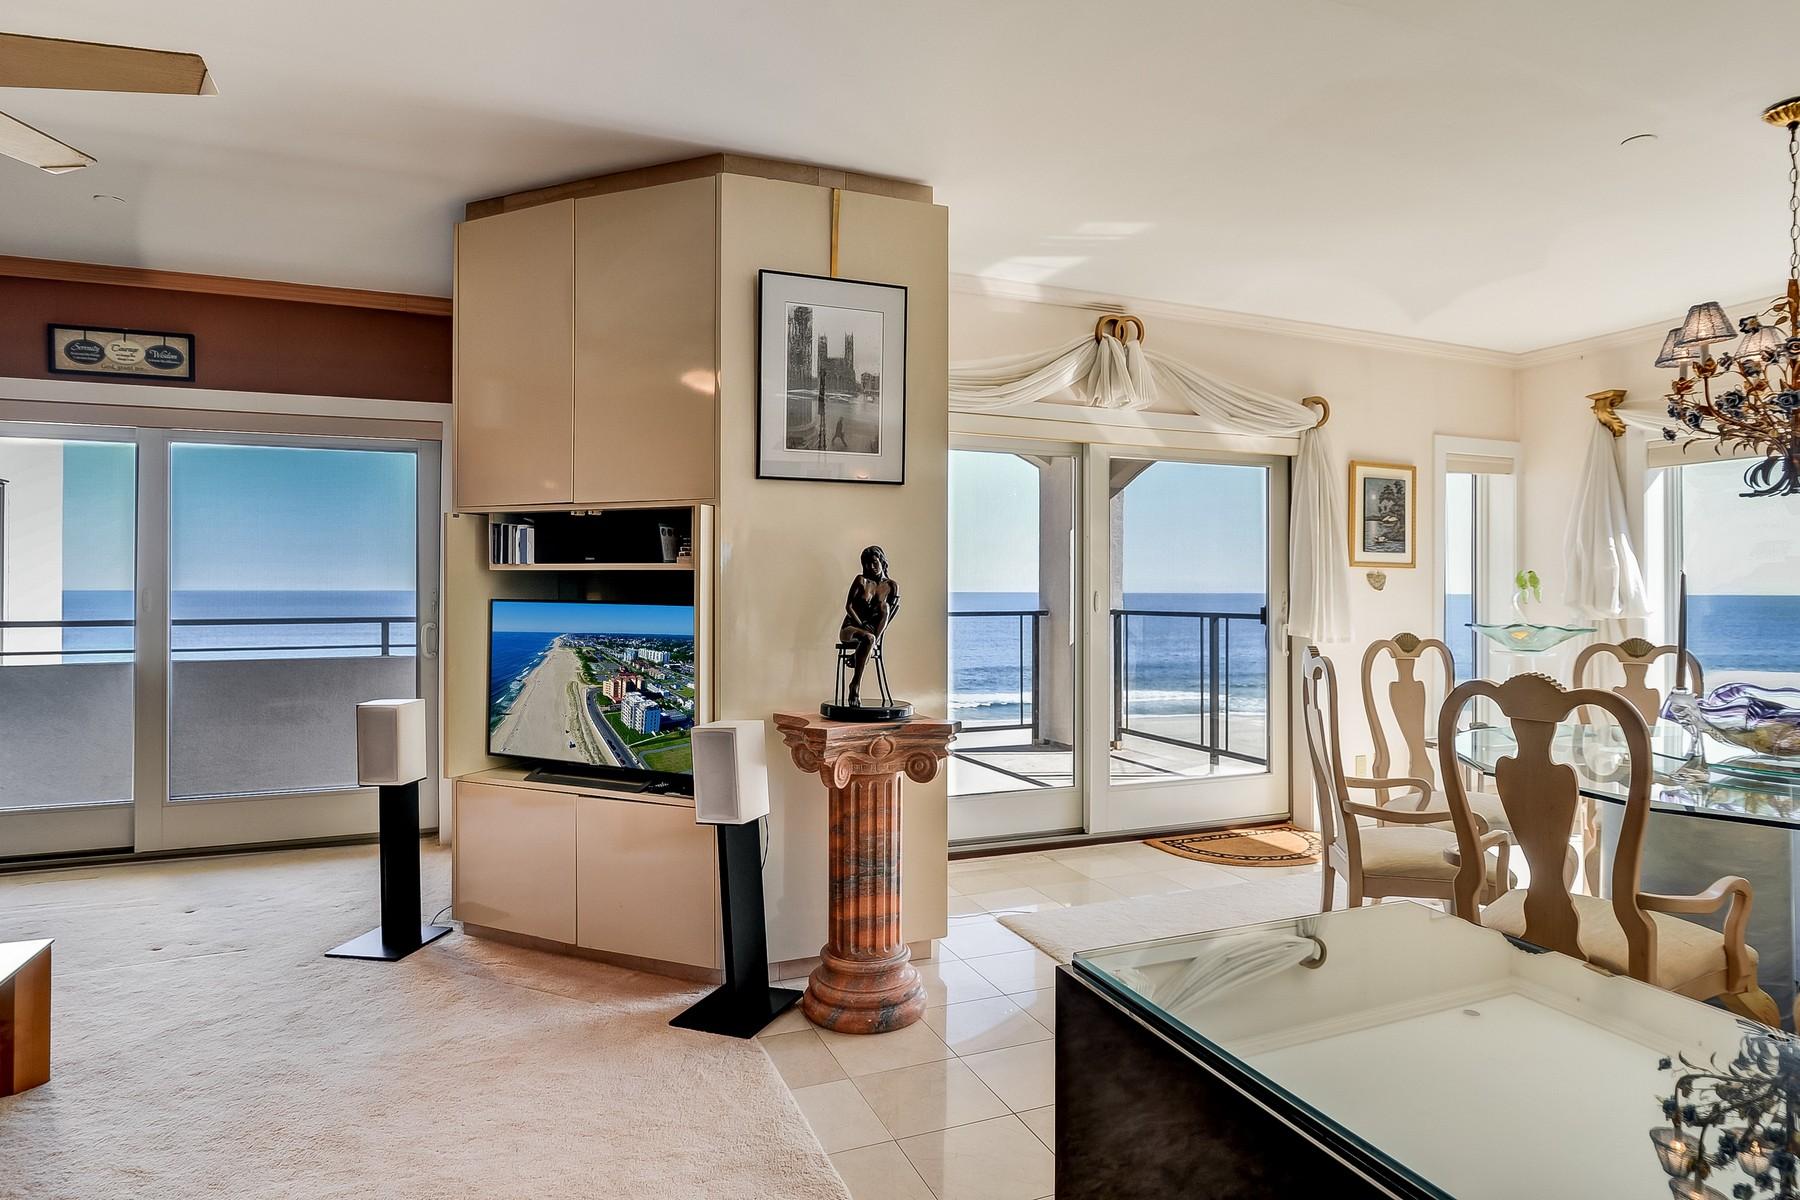 Condomínio para Venda às LIVE OCEANFRONT 388 N Ocean Ave # 6D Long Branch, Nova Jersey 07740 Estados Unidos